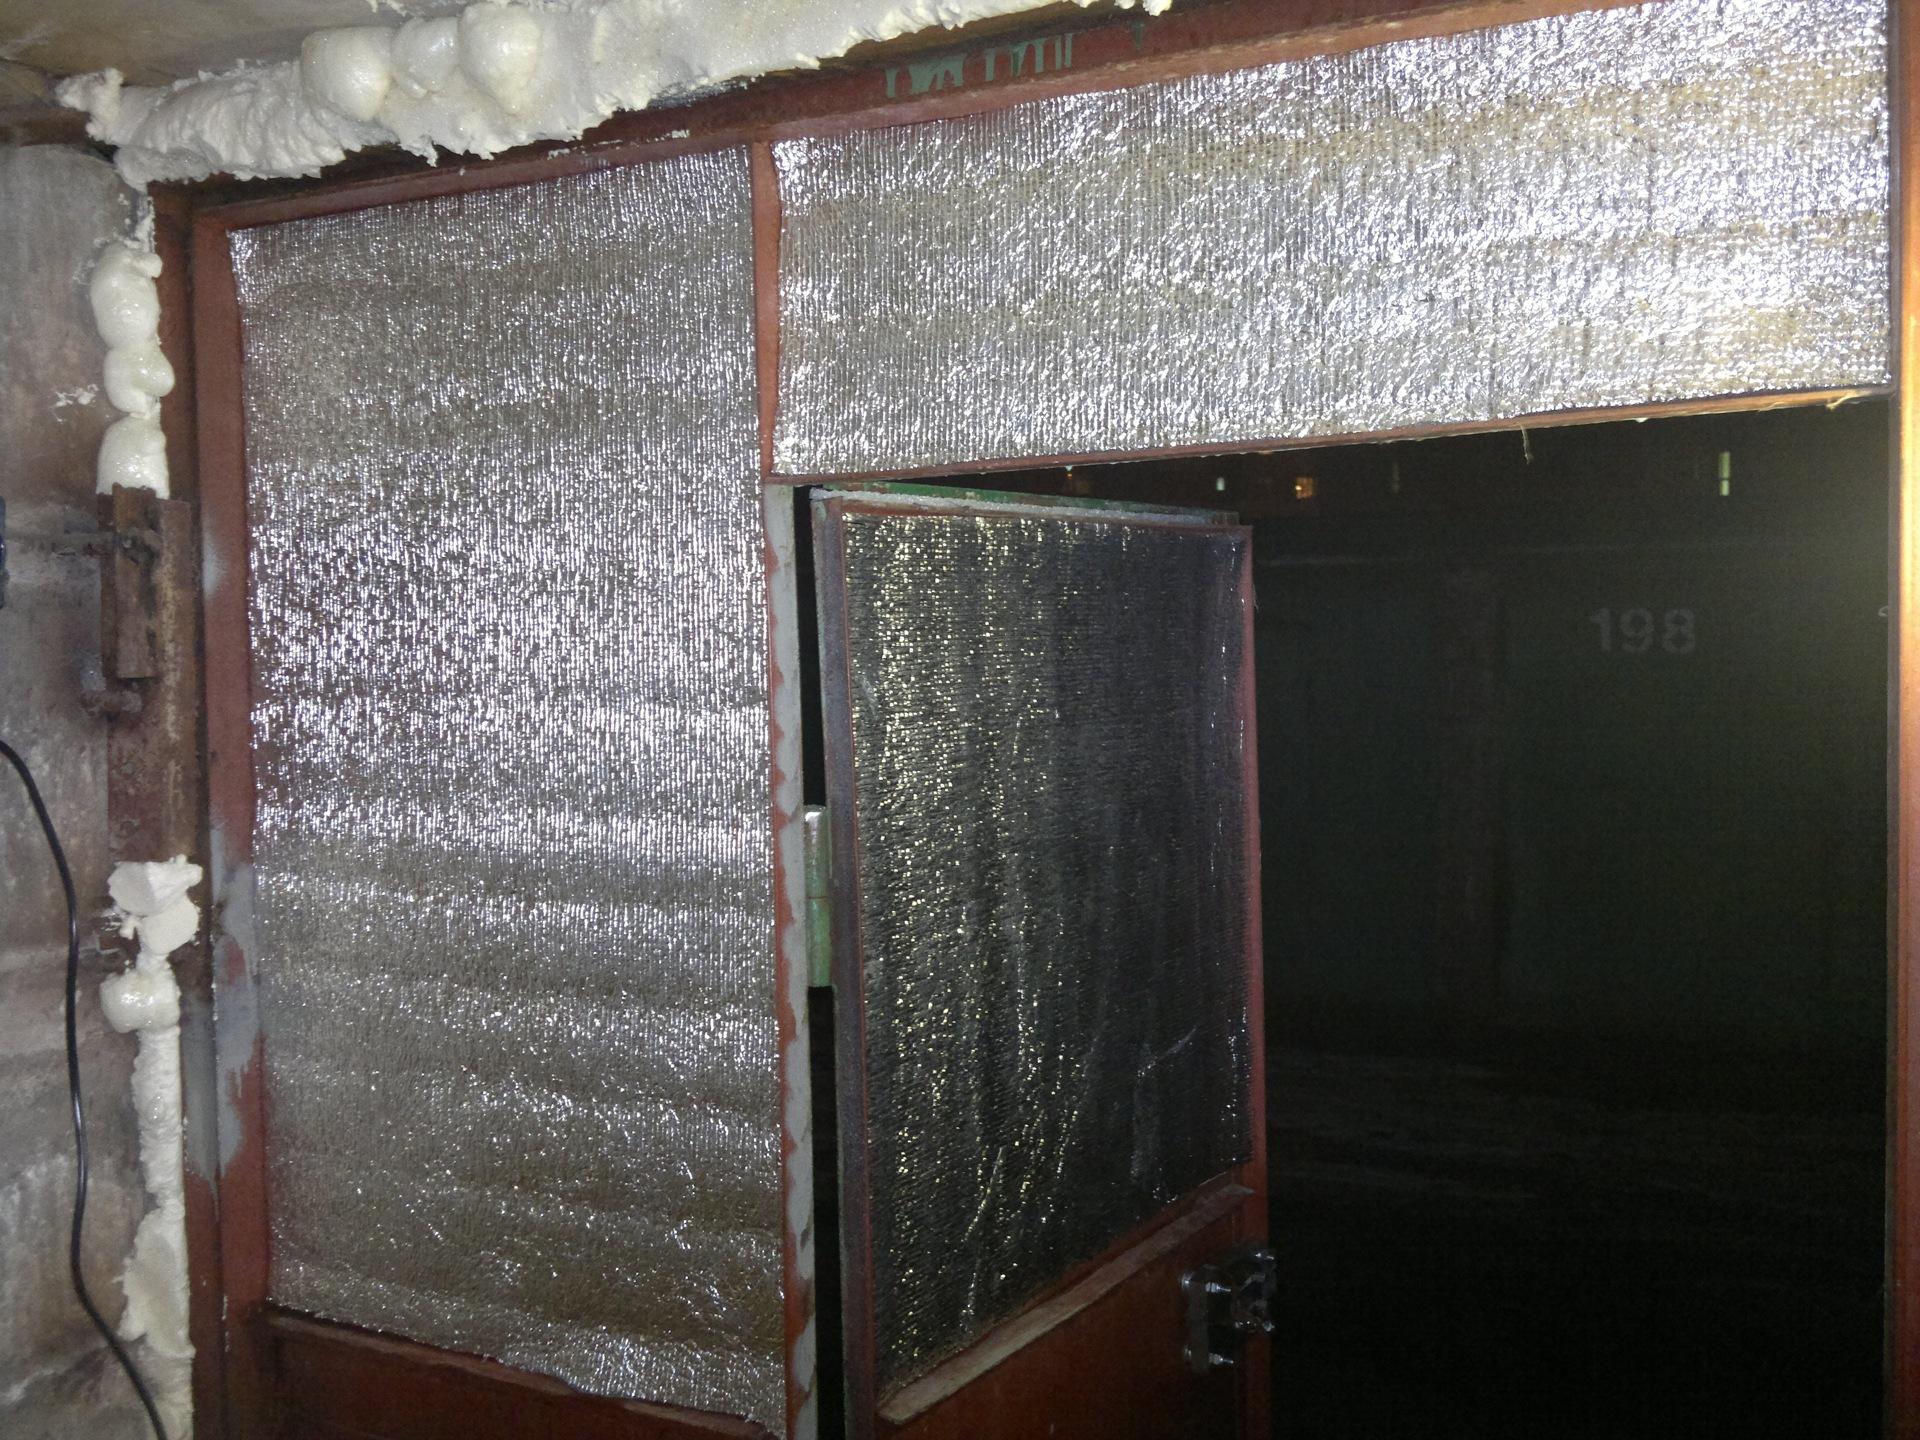 Отделывая гараж изнутри, с утеплением, не забывайте о воротах, ведь именно являются основным источником холода (на фото)